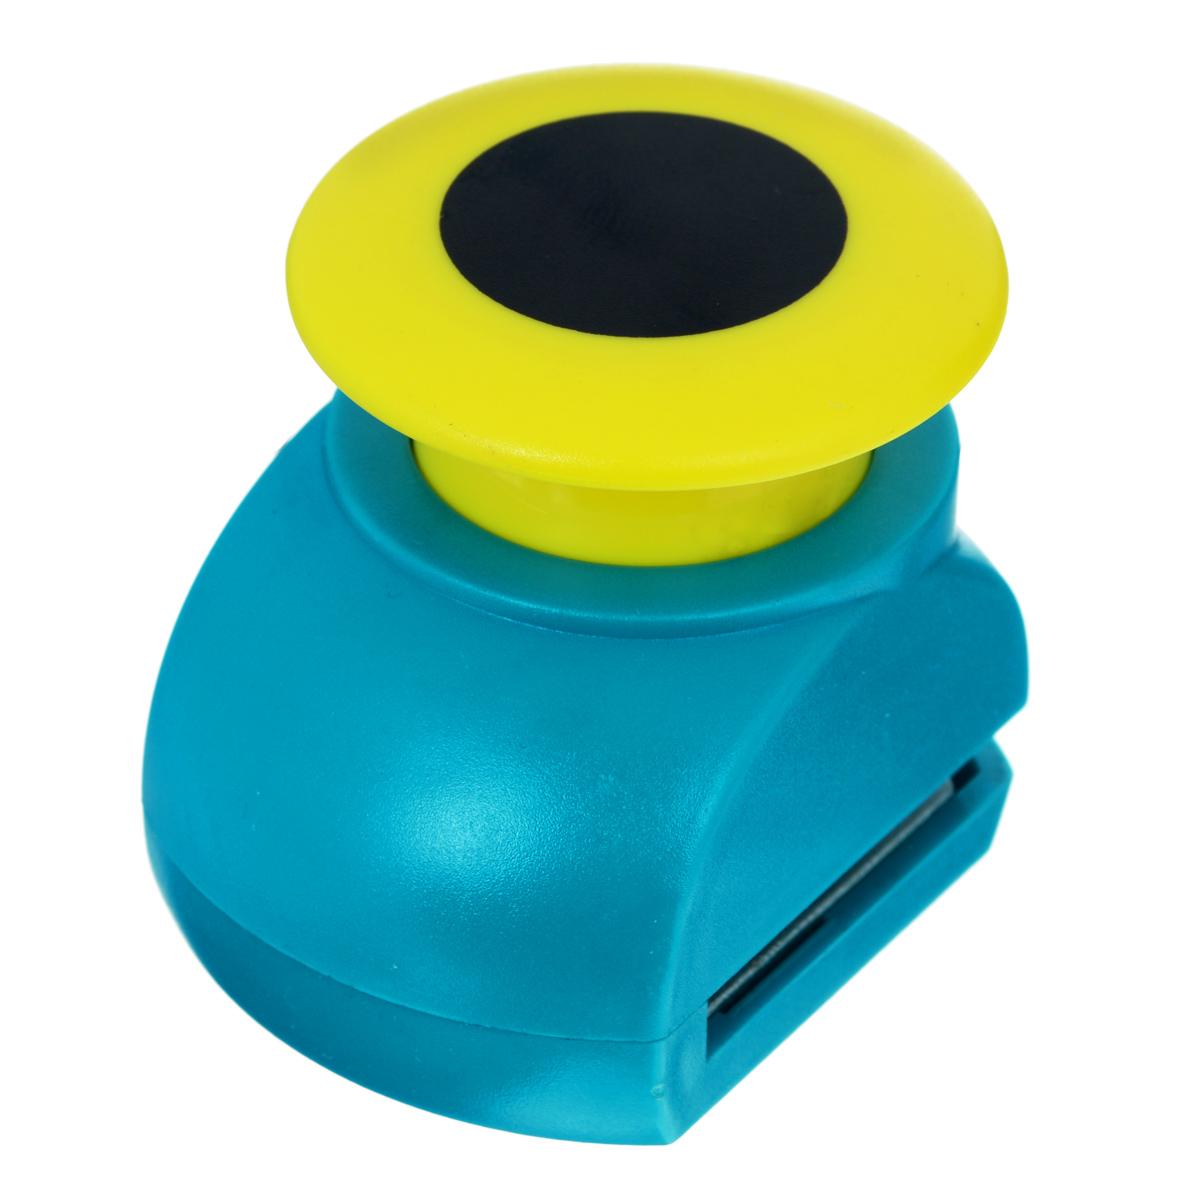 Дырокол фигурный Астра Круг, цвет: бирюзовый, желтый. JF-823CFS-36052Дырокол Астра Круг поможет вам легко, просто и аккуратно вырезать много одинаковых мелких фигурок.Режущие части компостера закрыты пластмассовым корпусом, что обеспечивает безопасность для детей. Можно использовать вырезанные мотивы как конфетти или для наклеивания. Дырокол подходит для разных техник: декупажа, скрапбукинга, декорирования.Размер дырокола: 5 см х 4 см х 5 см.Диаметр вырезанной фигурки: 2,5 см.